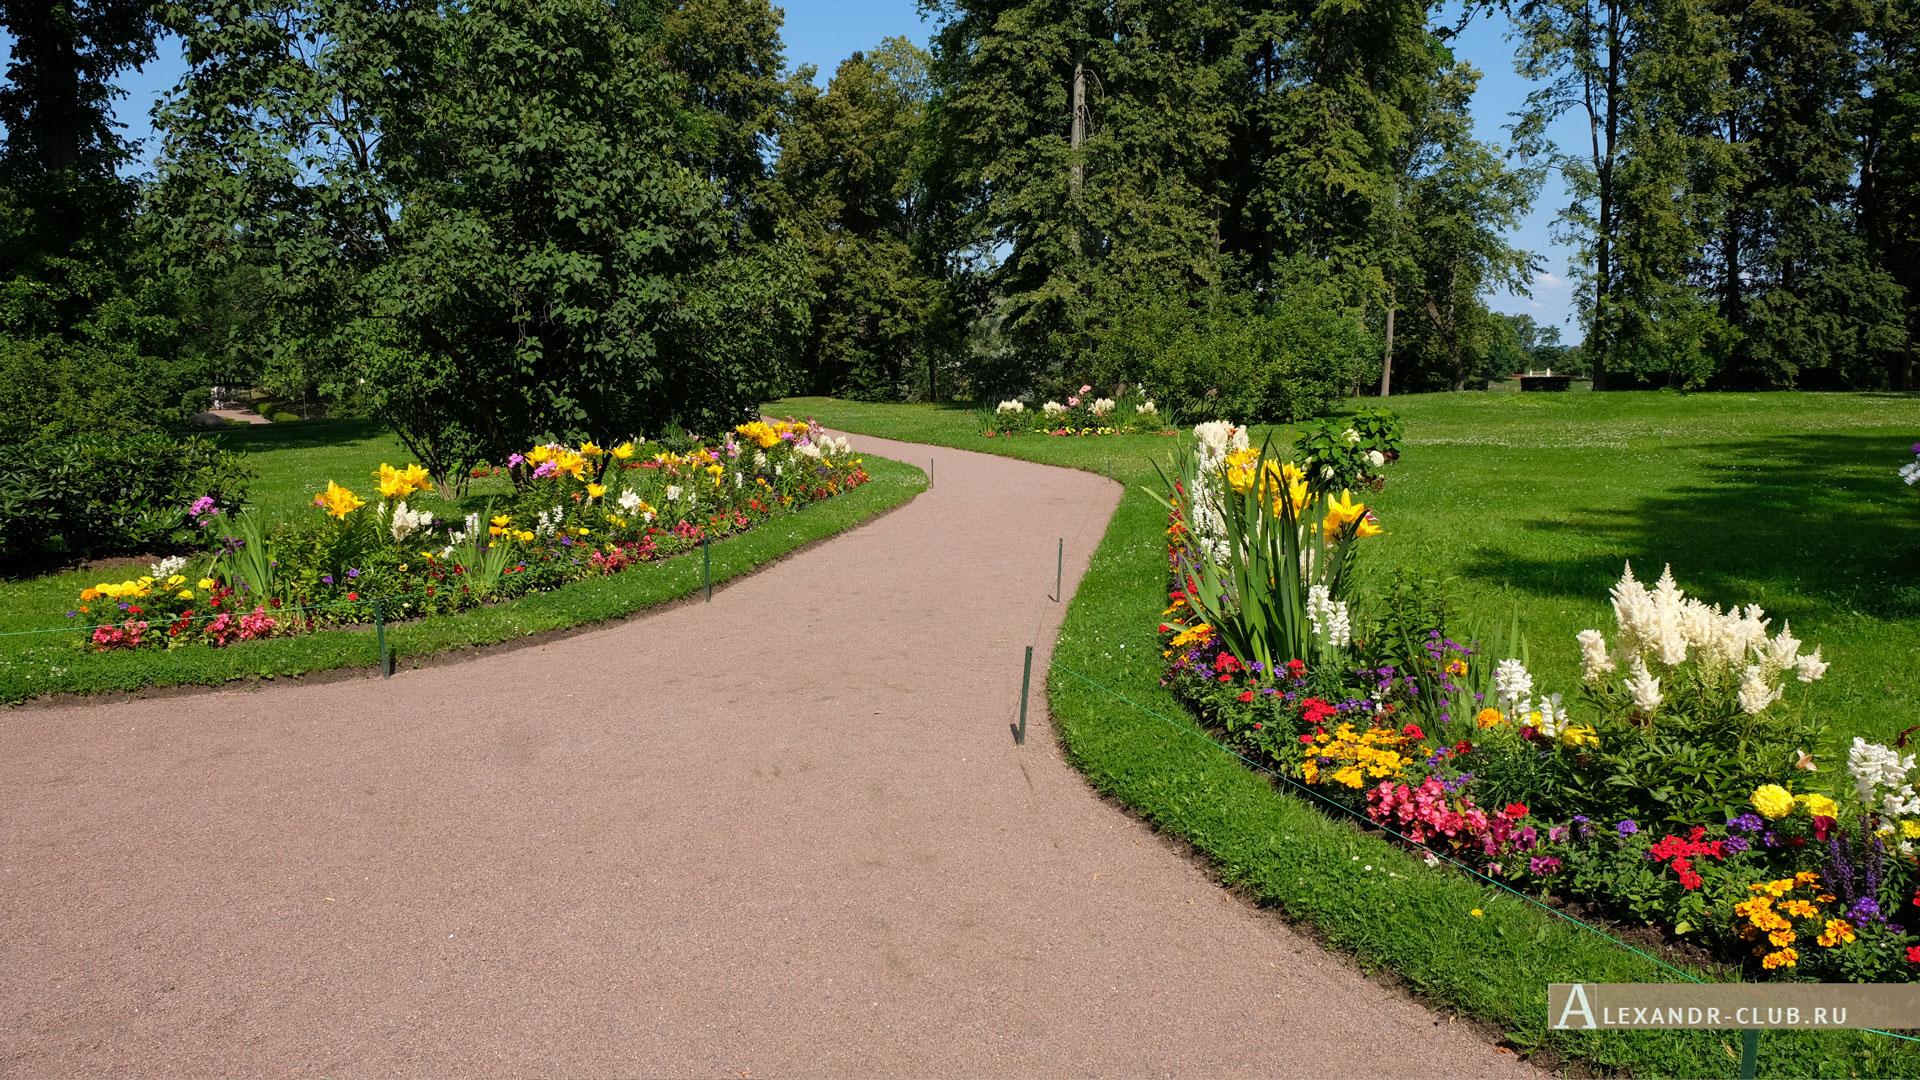 Ораниенбаум, лето, дорога к Дворцу Петра III